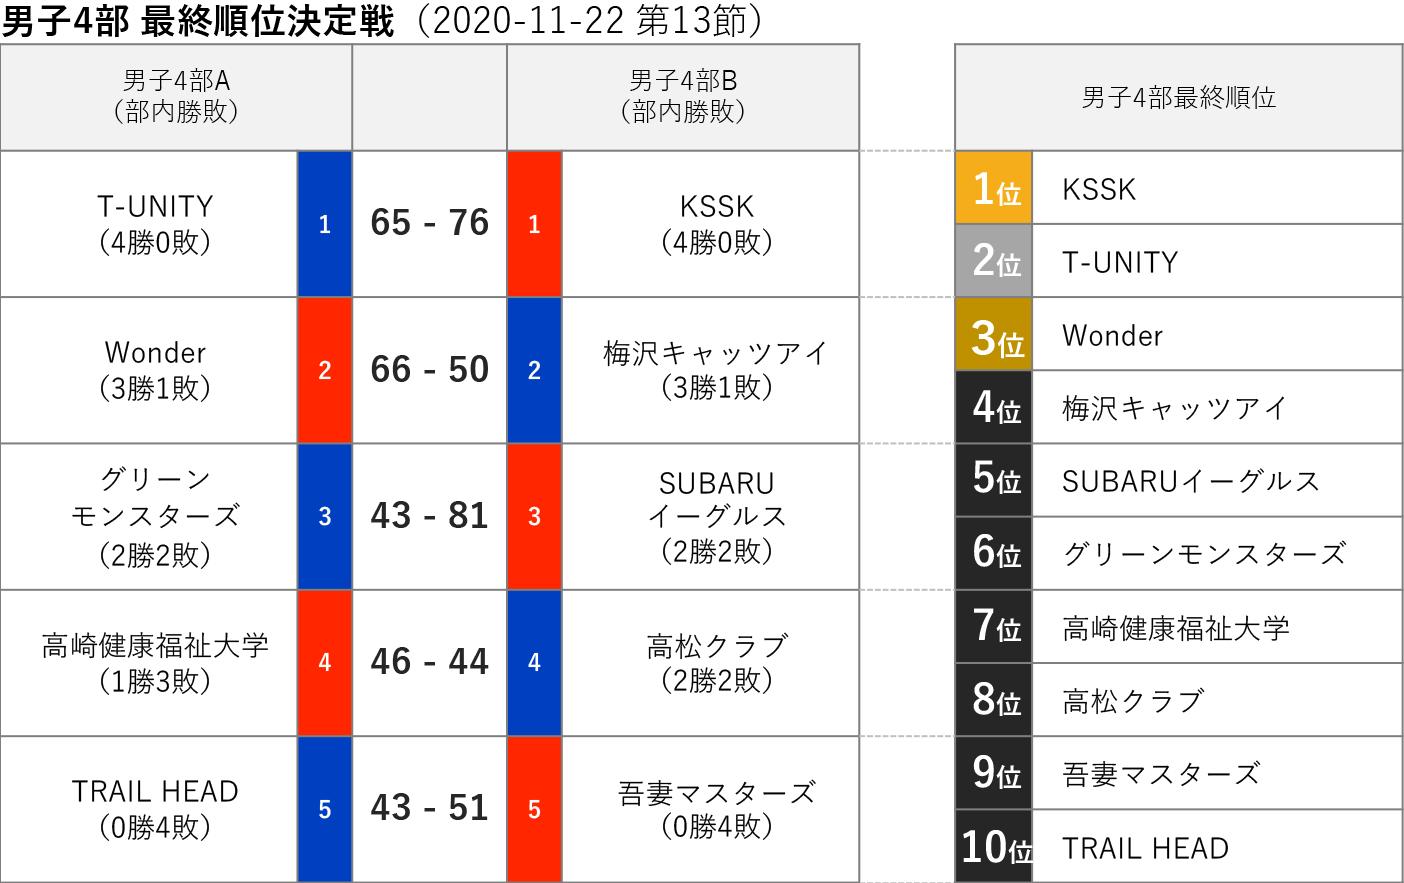 2020社会人リーグ 男子4部 最終順位 2020-11-22(第13節)